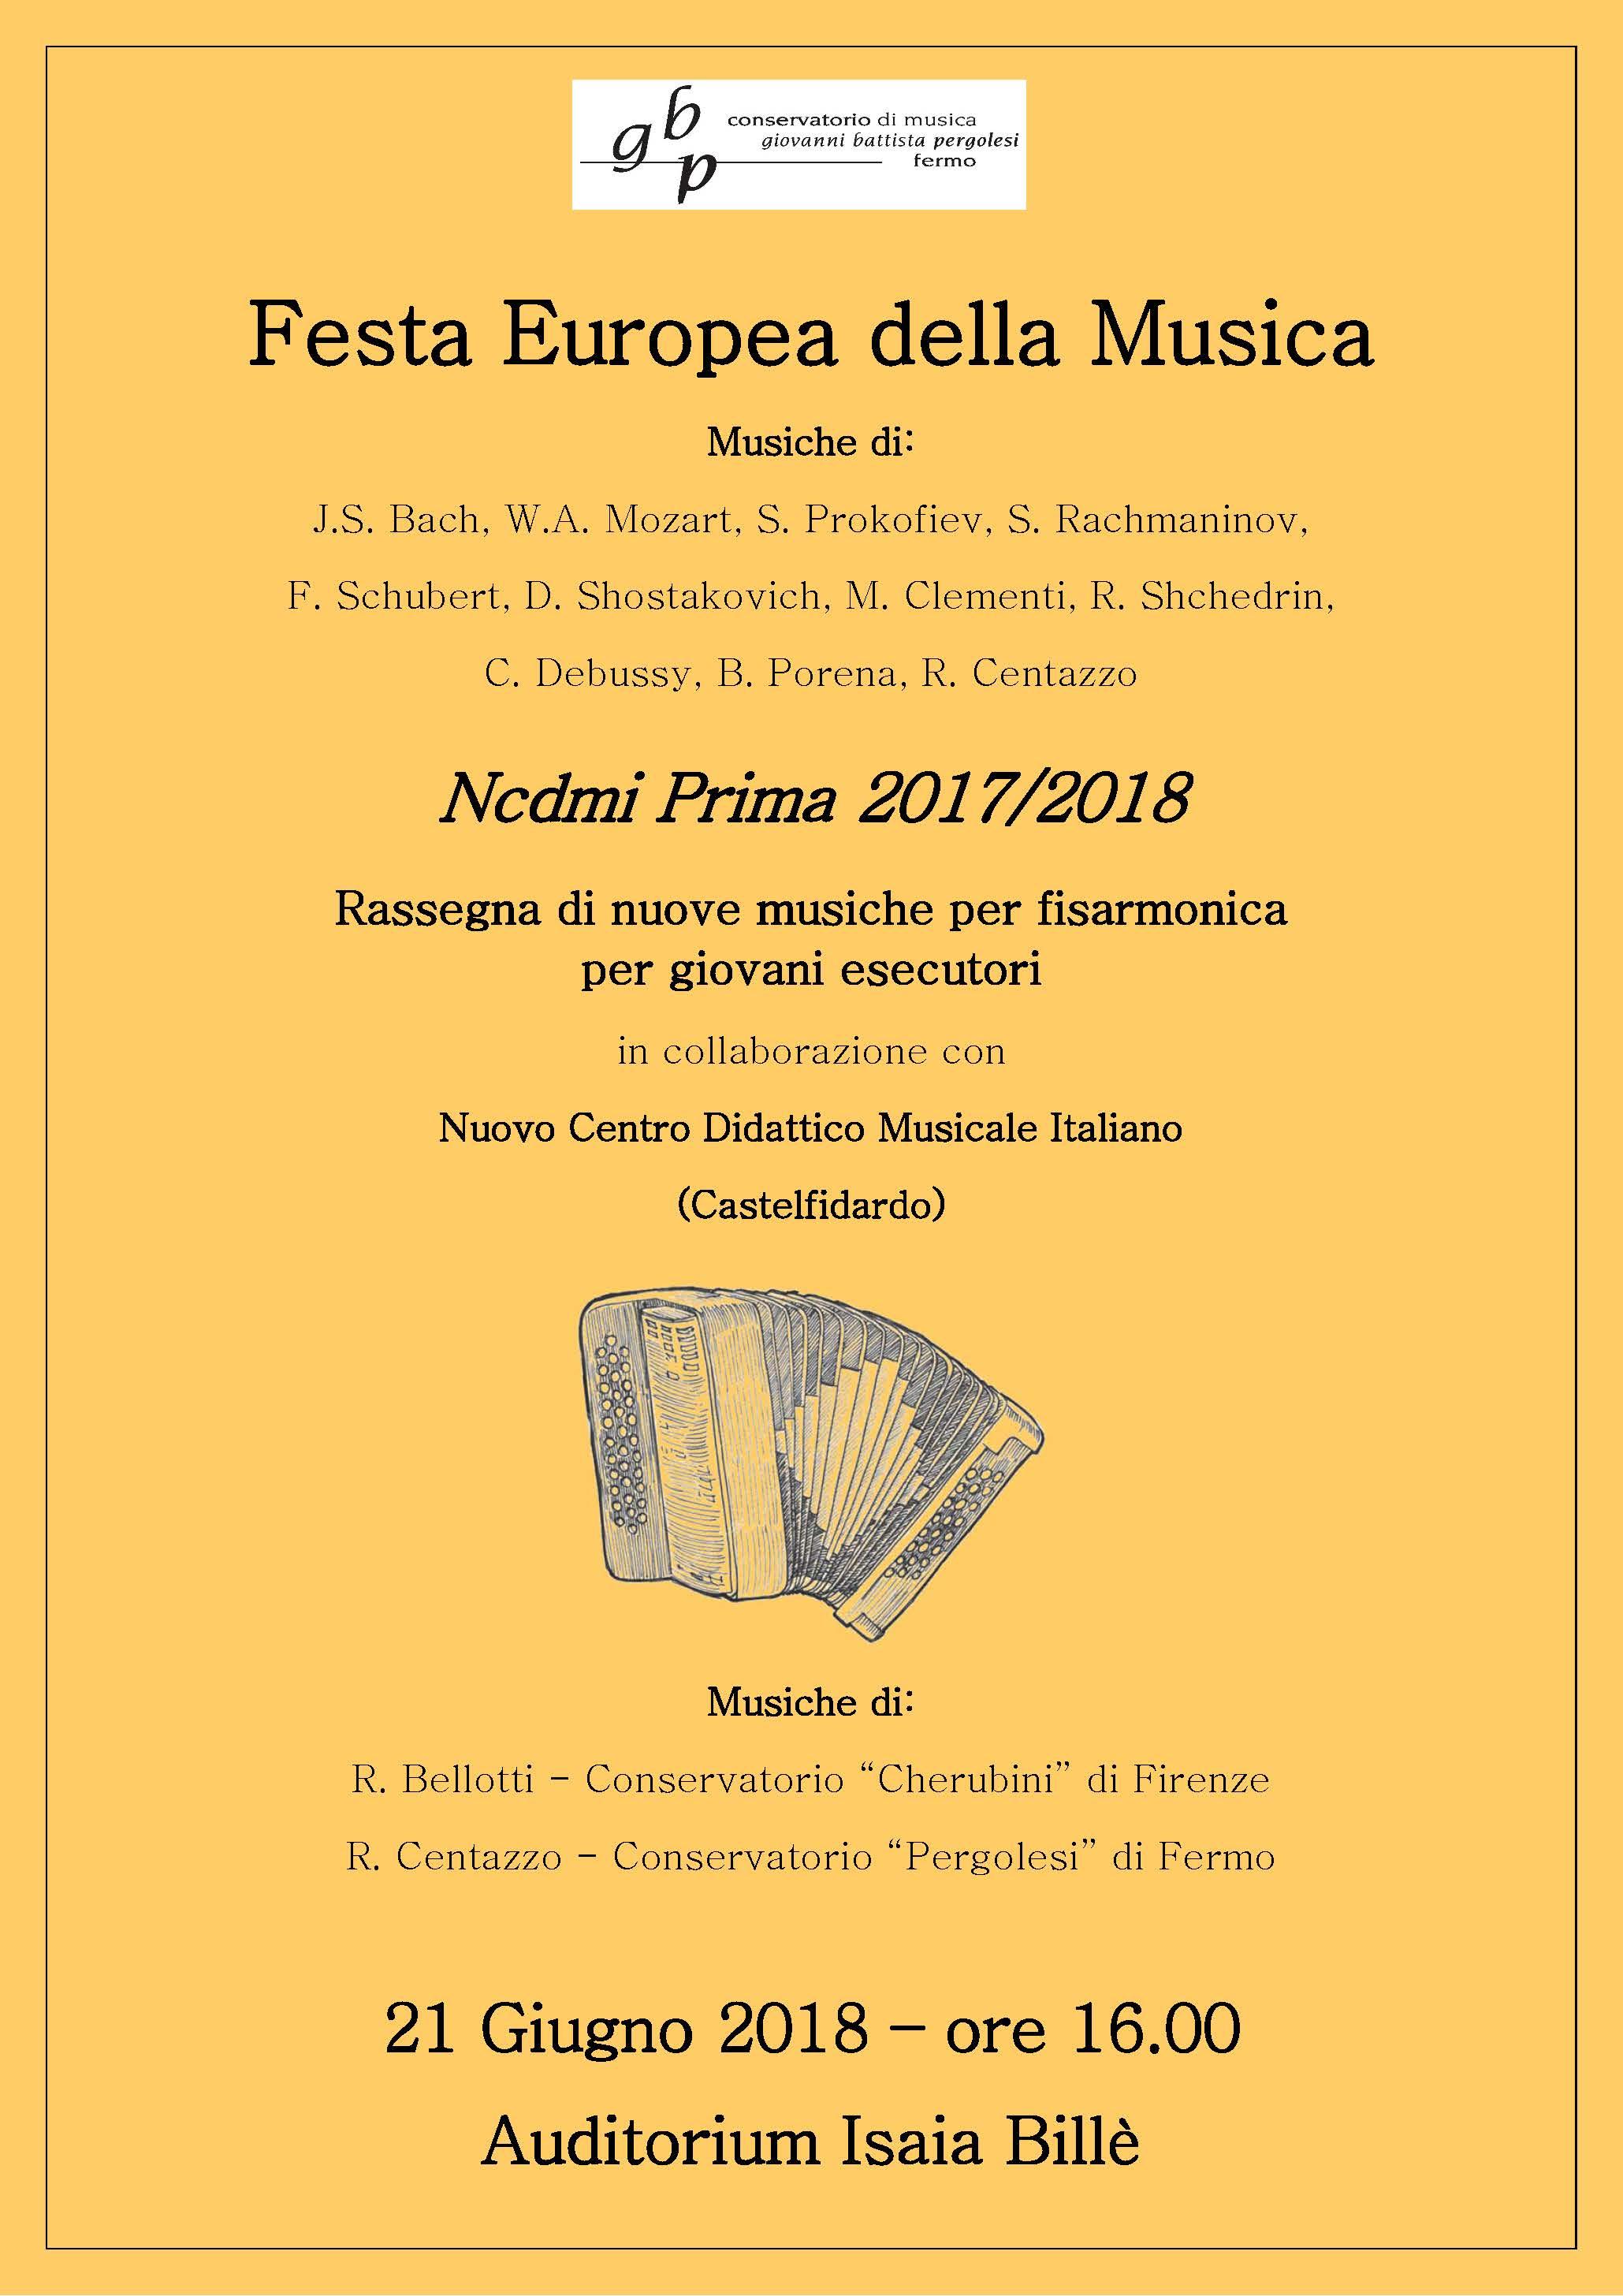 Locandina Festa della musica 2018 - fisarmonica